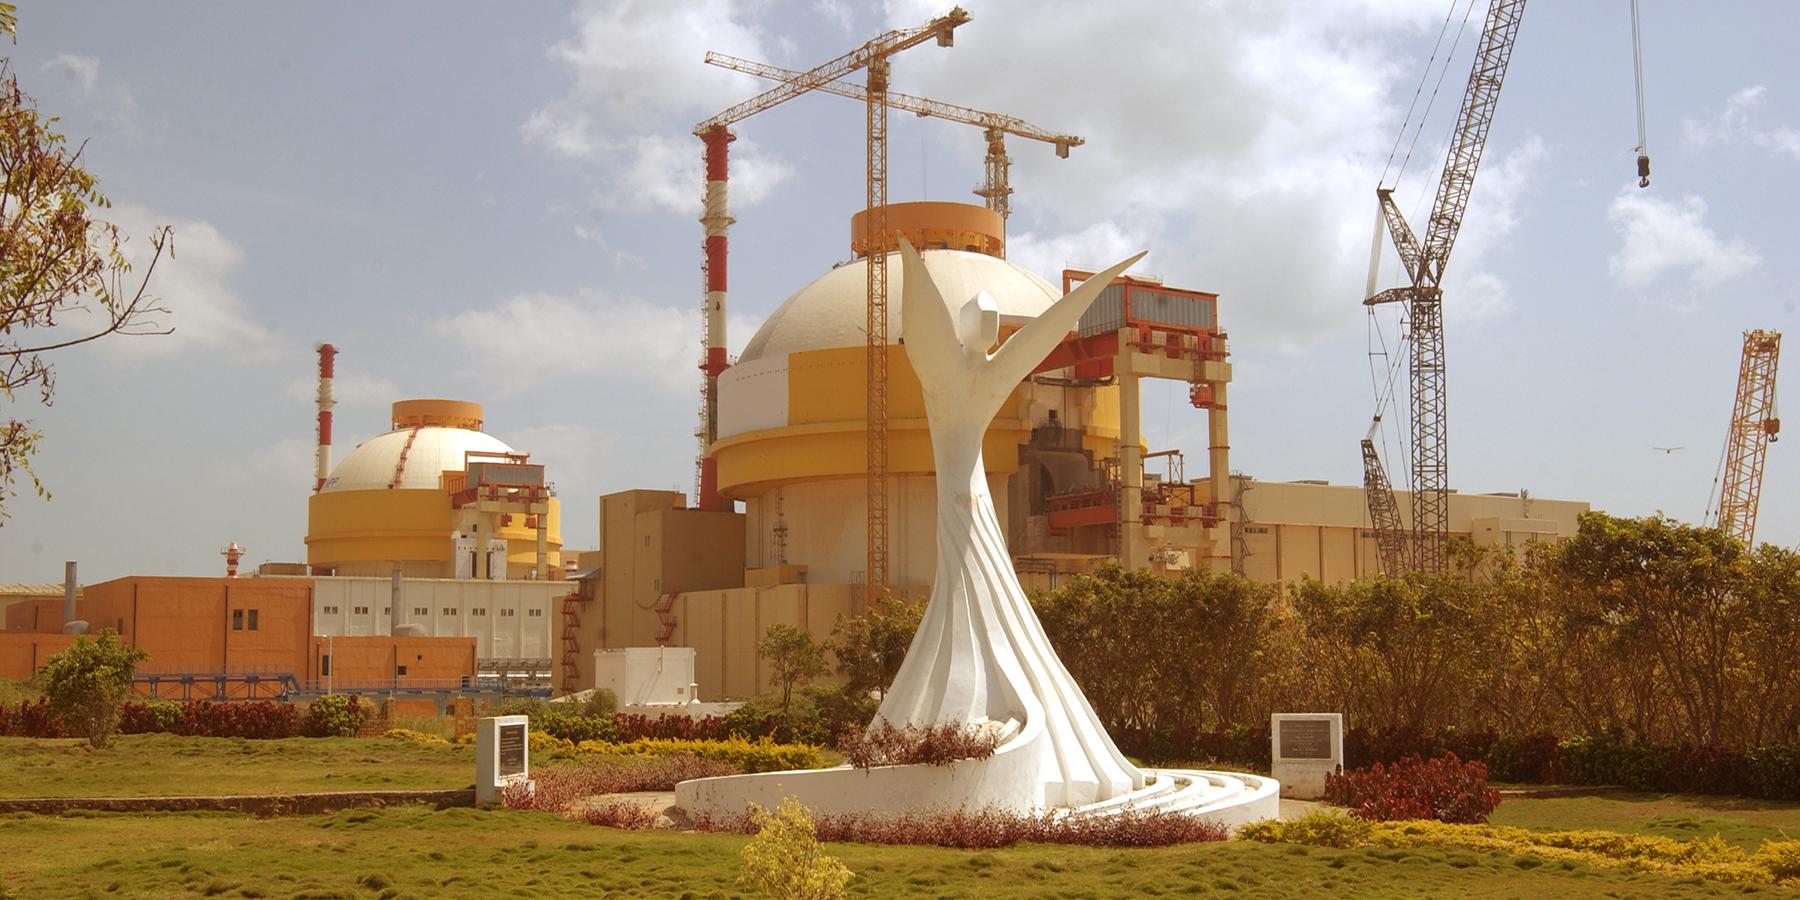 Отгружен корпус реактора для 4-го энергоблока АЭС Куданкулам